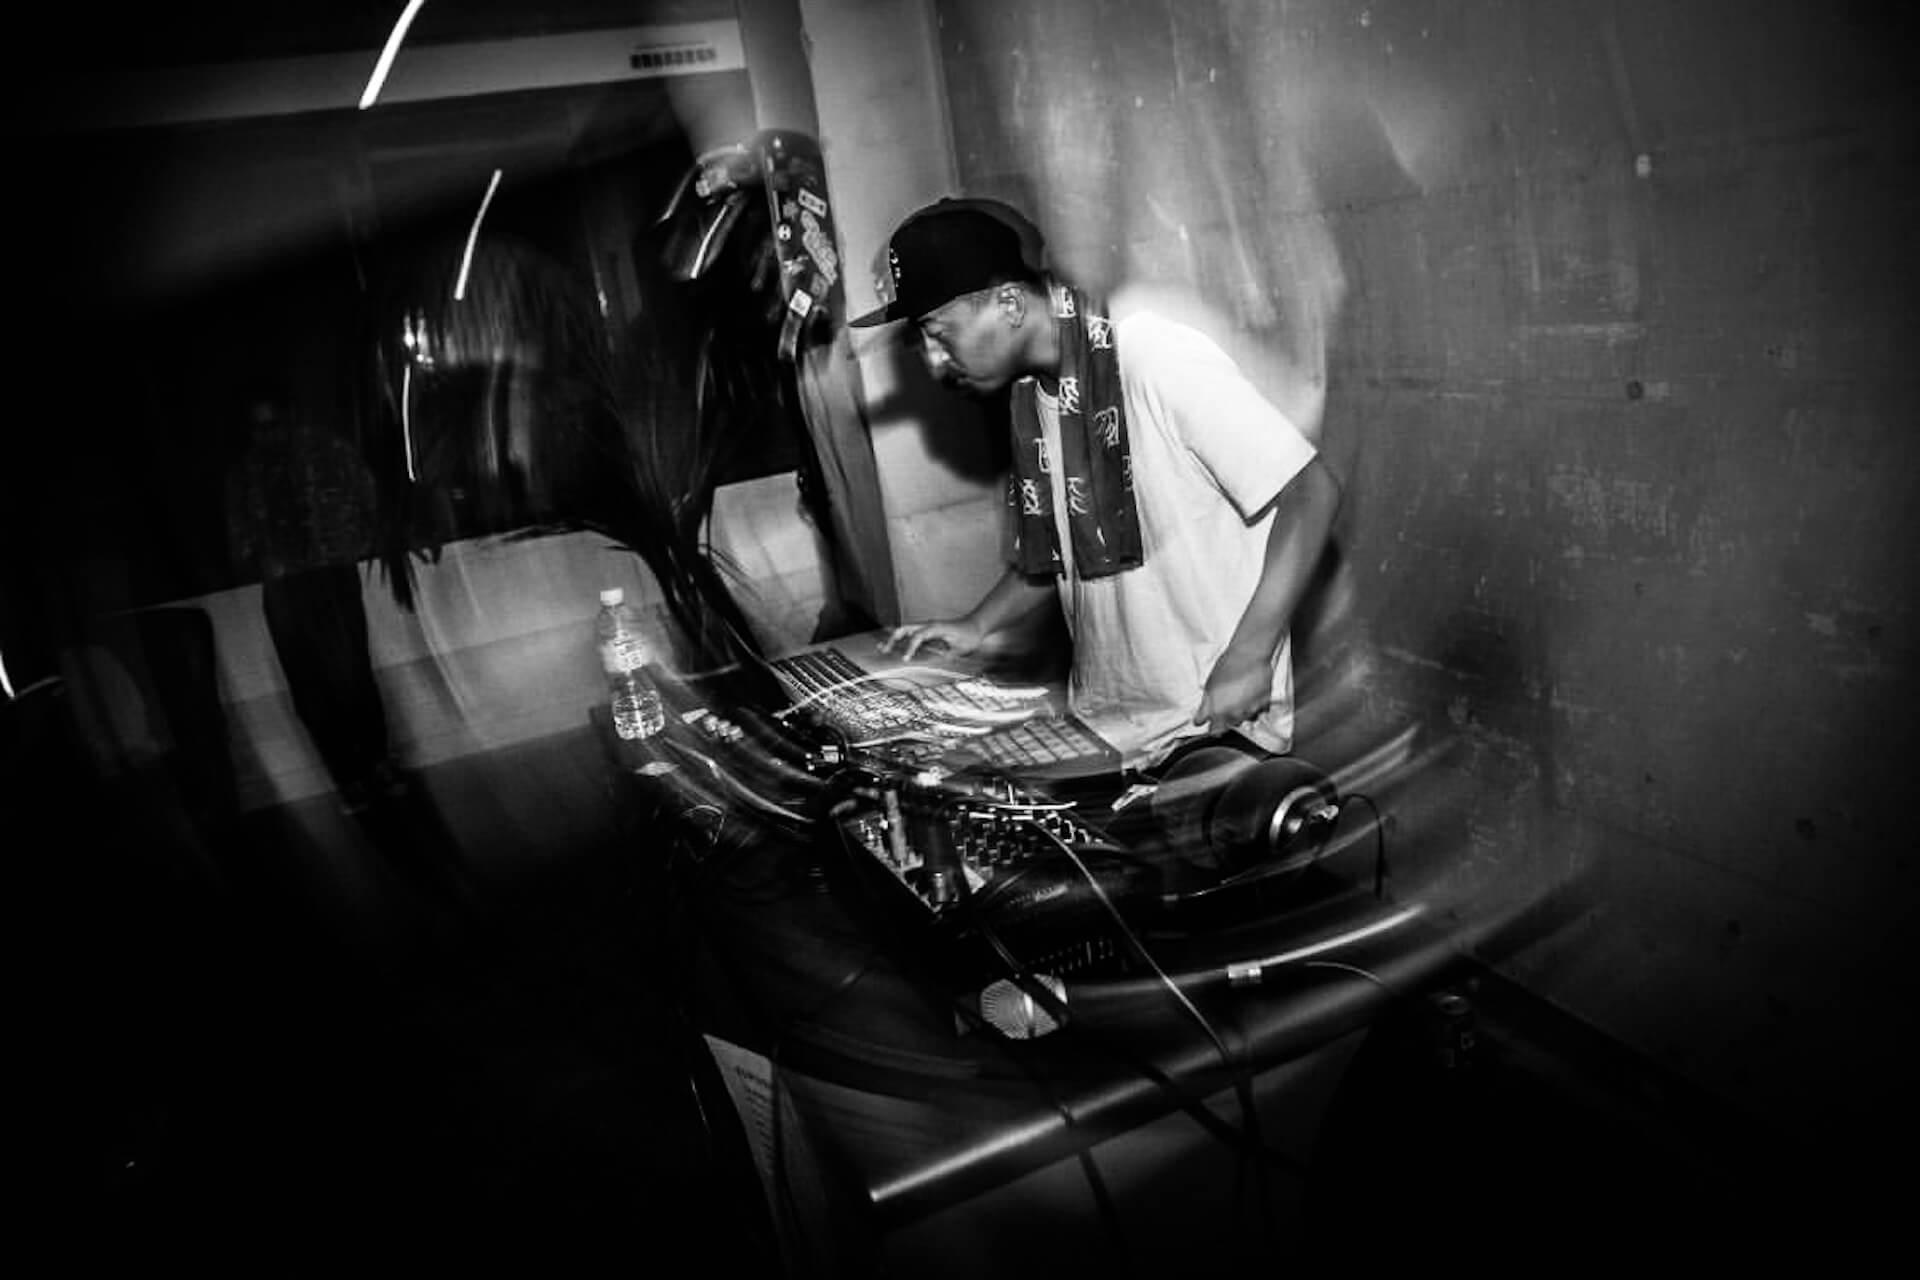 Kojoe、B.I.G. JOE、B.D.らが参加するVIBEPAK・ULSDの1stアルバム『Legacy』がリリース決定!収録曲のMV公開&先行配信もスタート music201106_ULSD_2